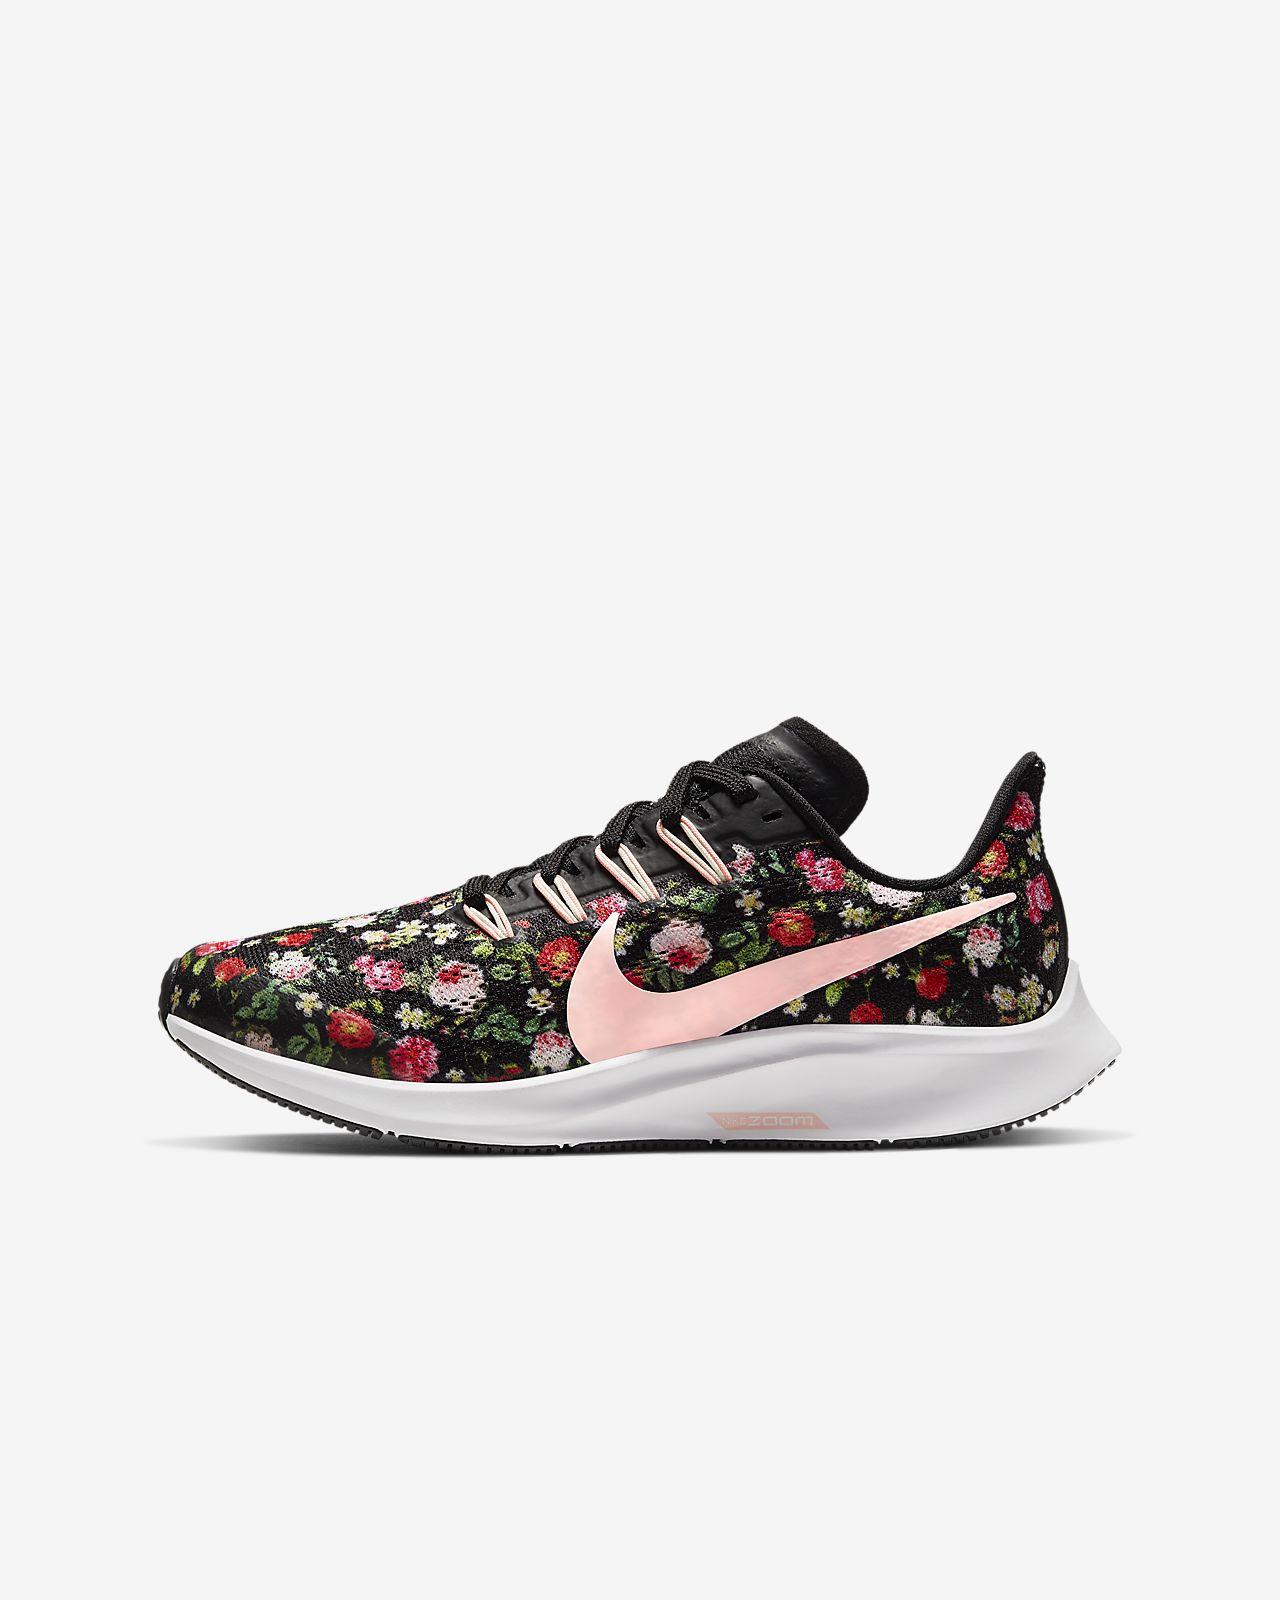 Nike Air Zoom Pegasus Vintage Floral cipő kisebb/nagyobb gyerekeknek